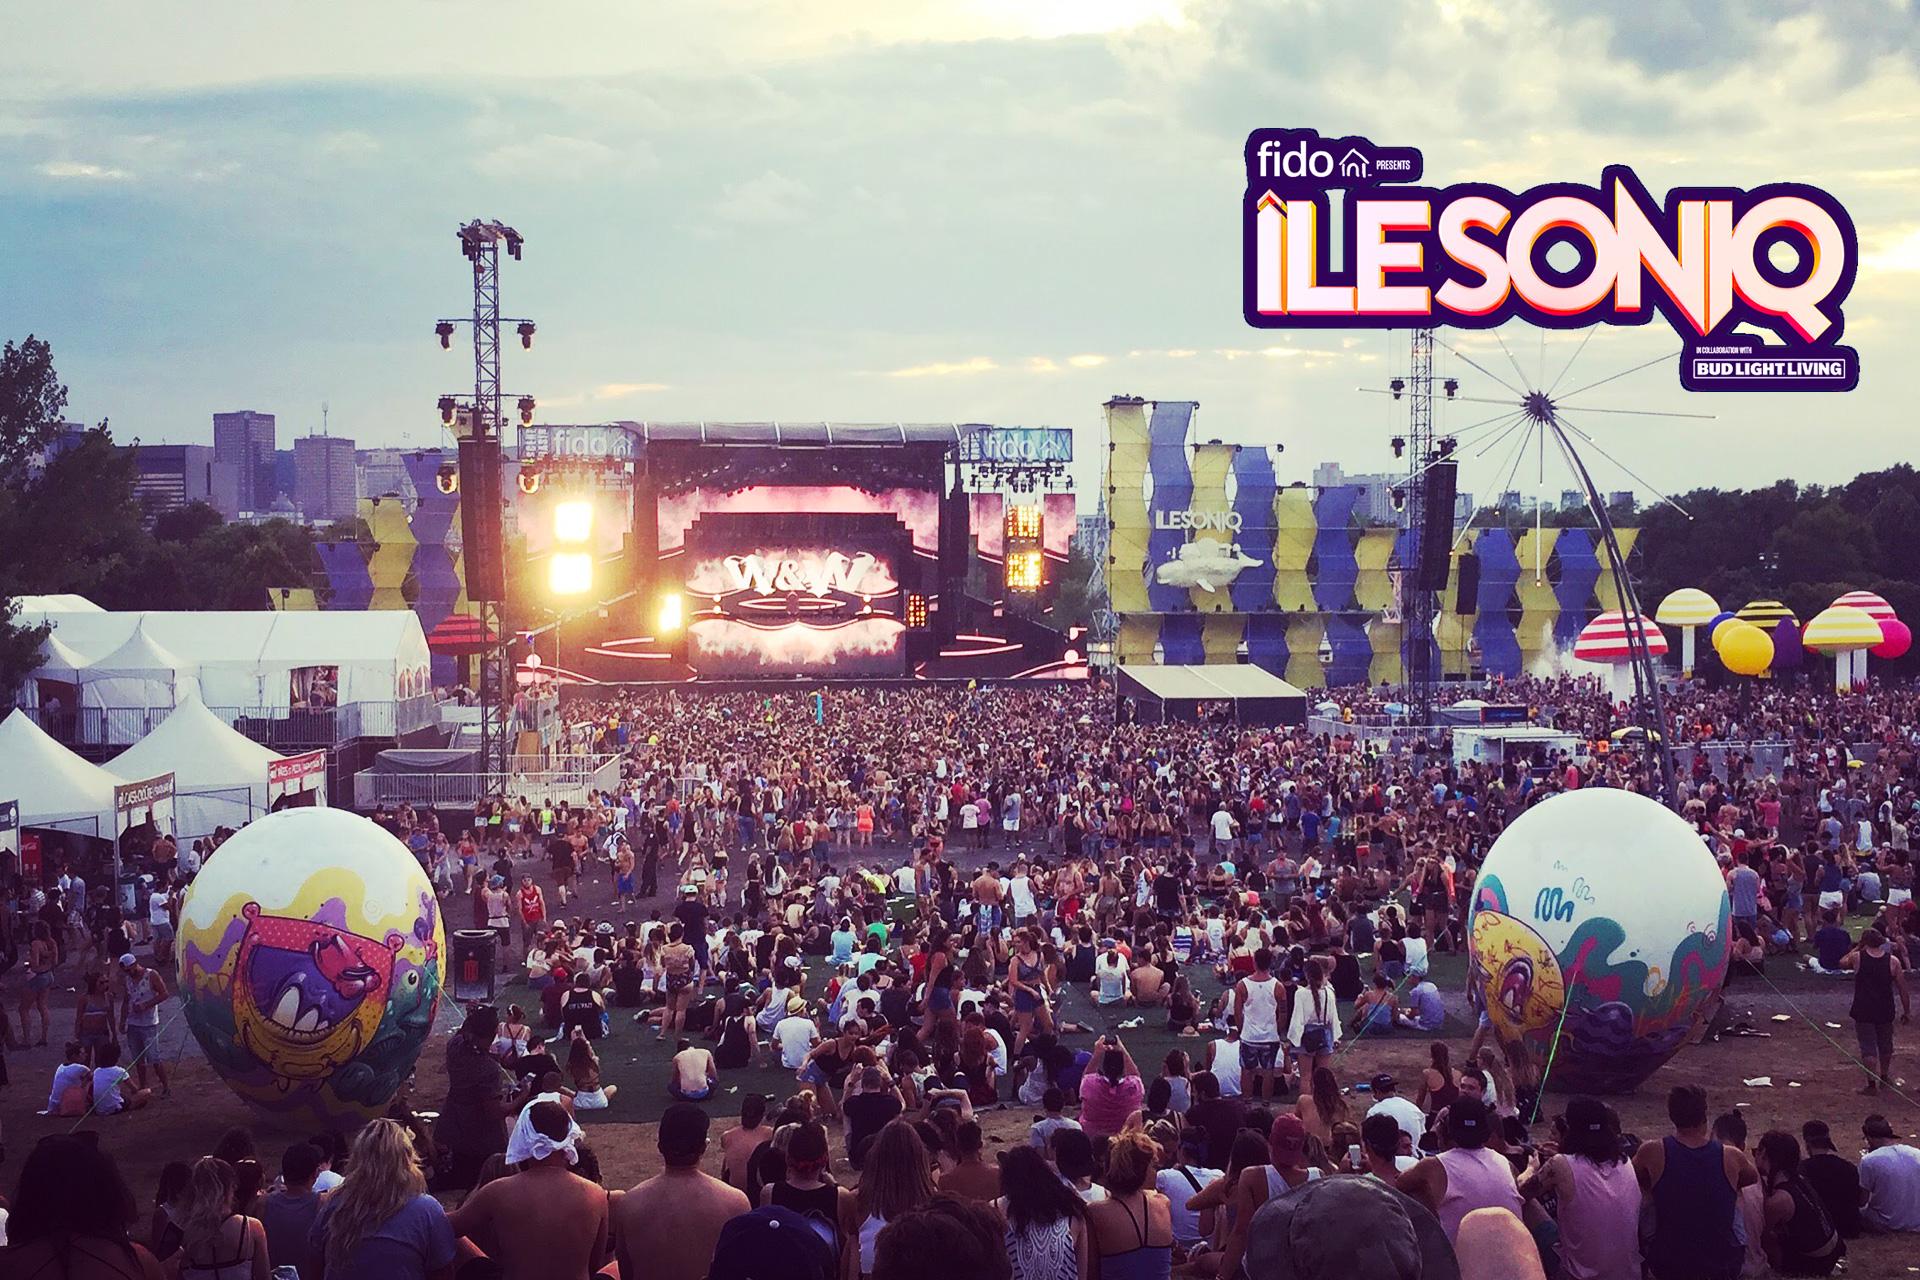 festival ilesoniq